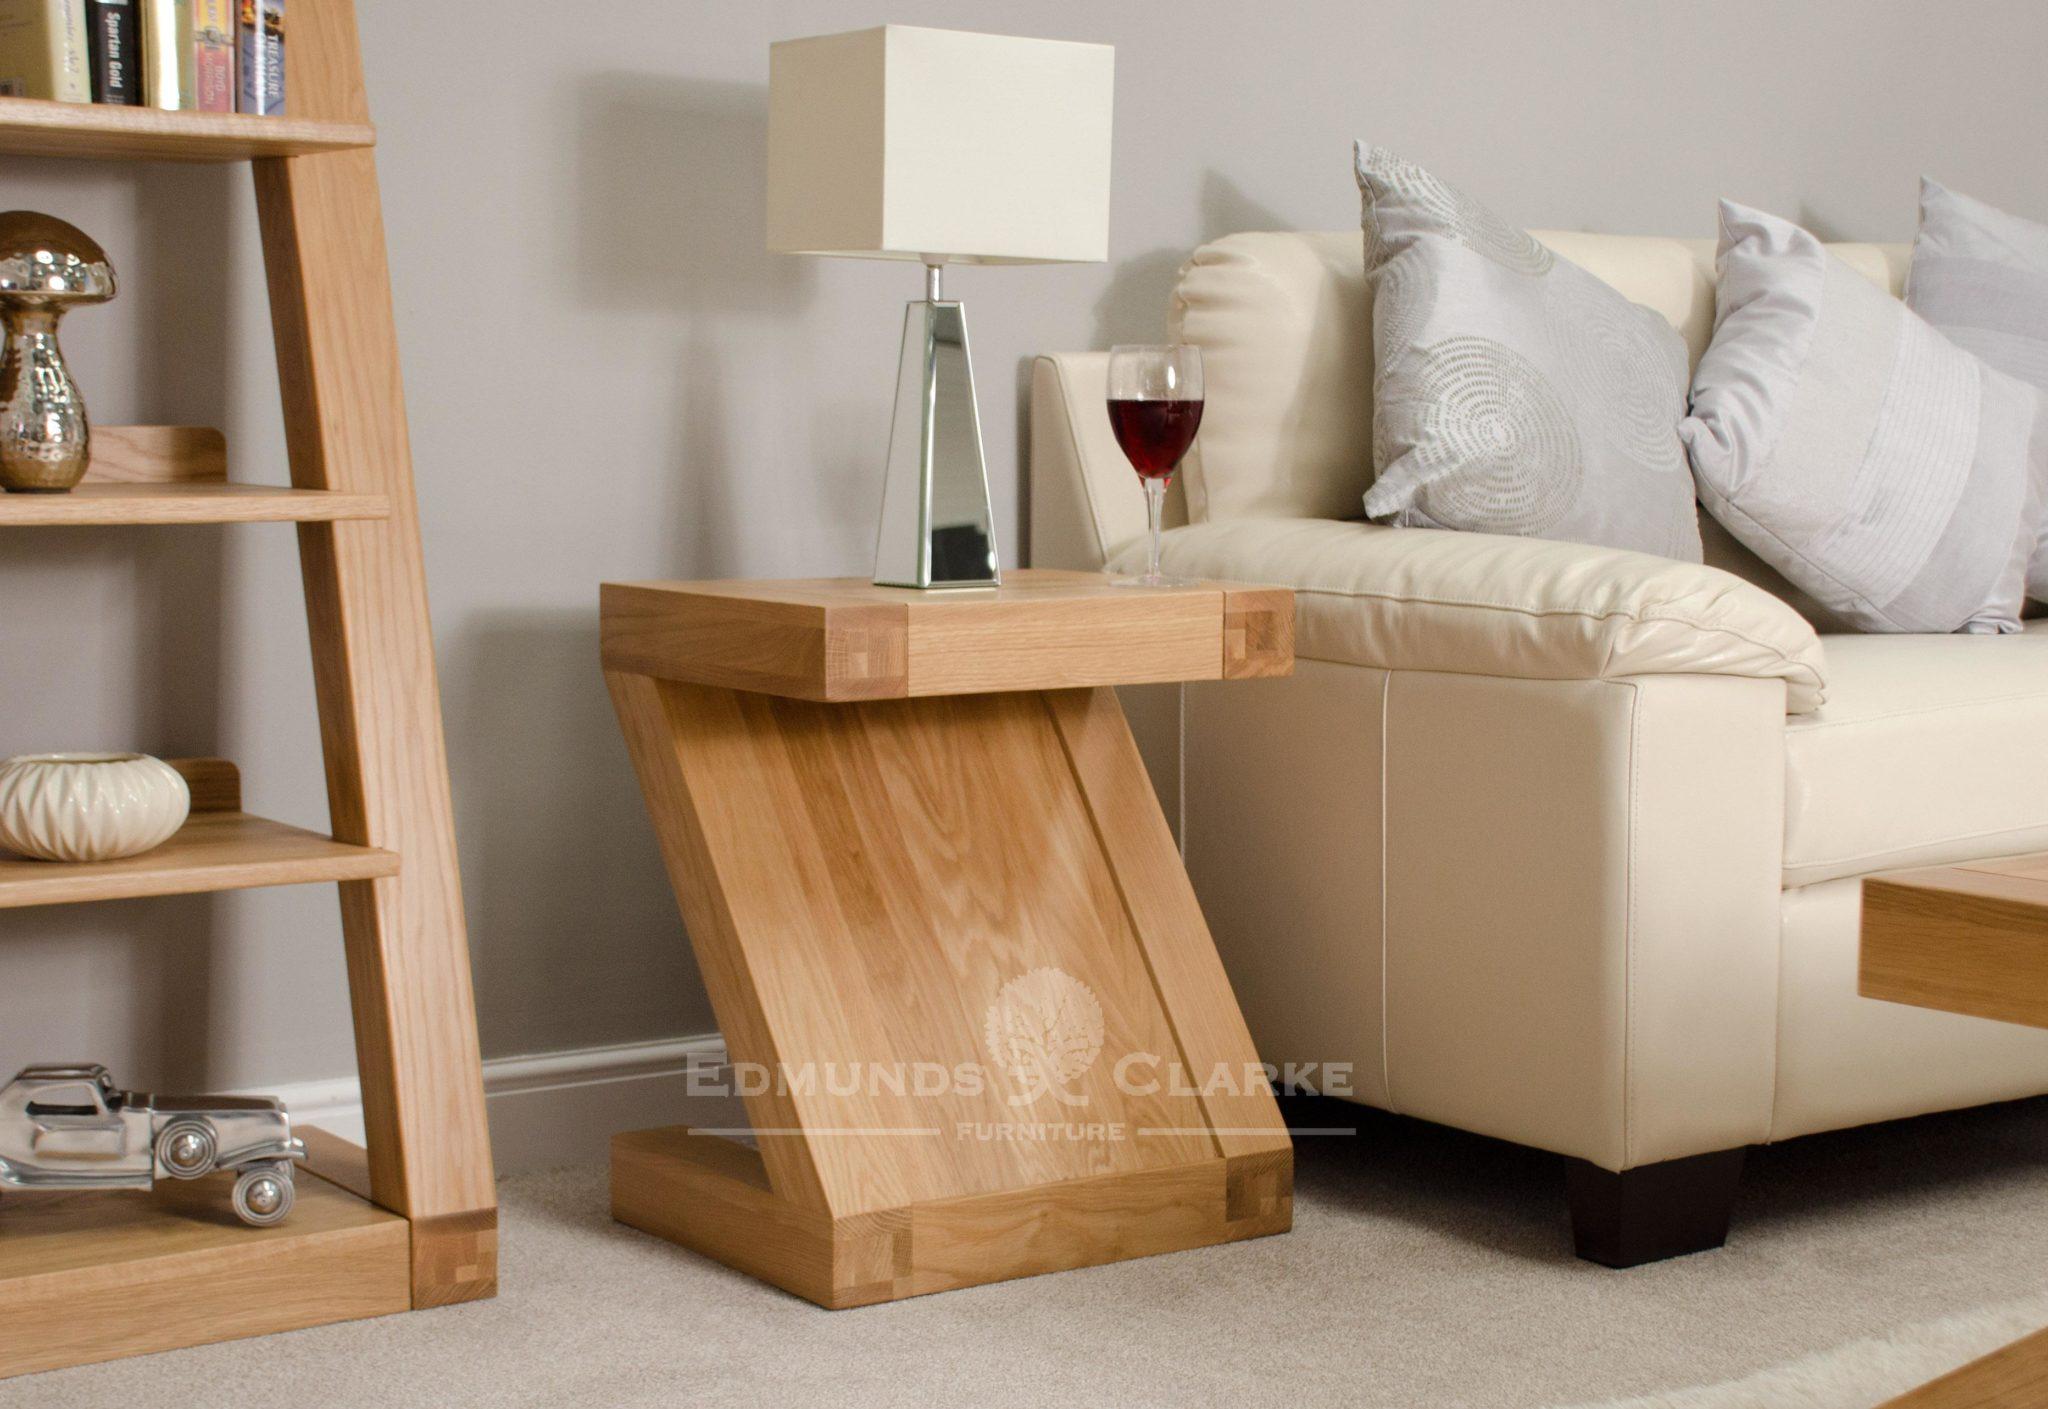 Solid oak Z style lamp table